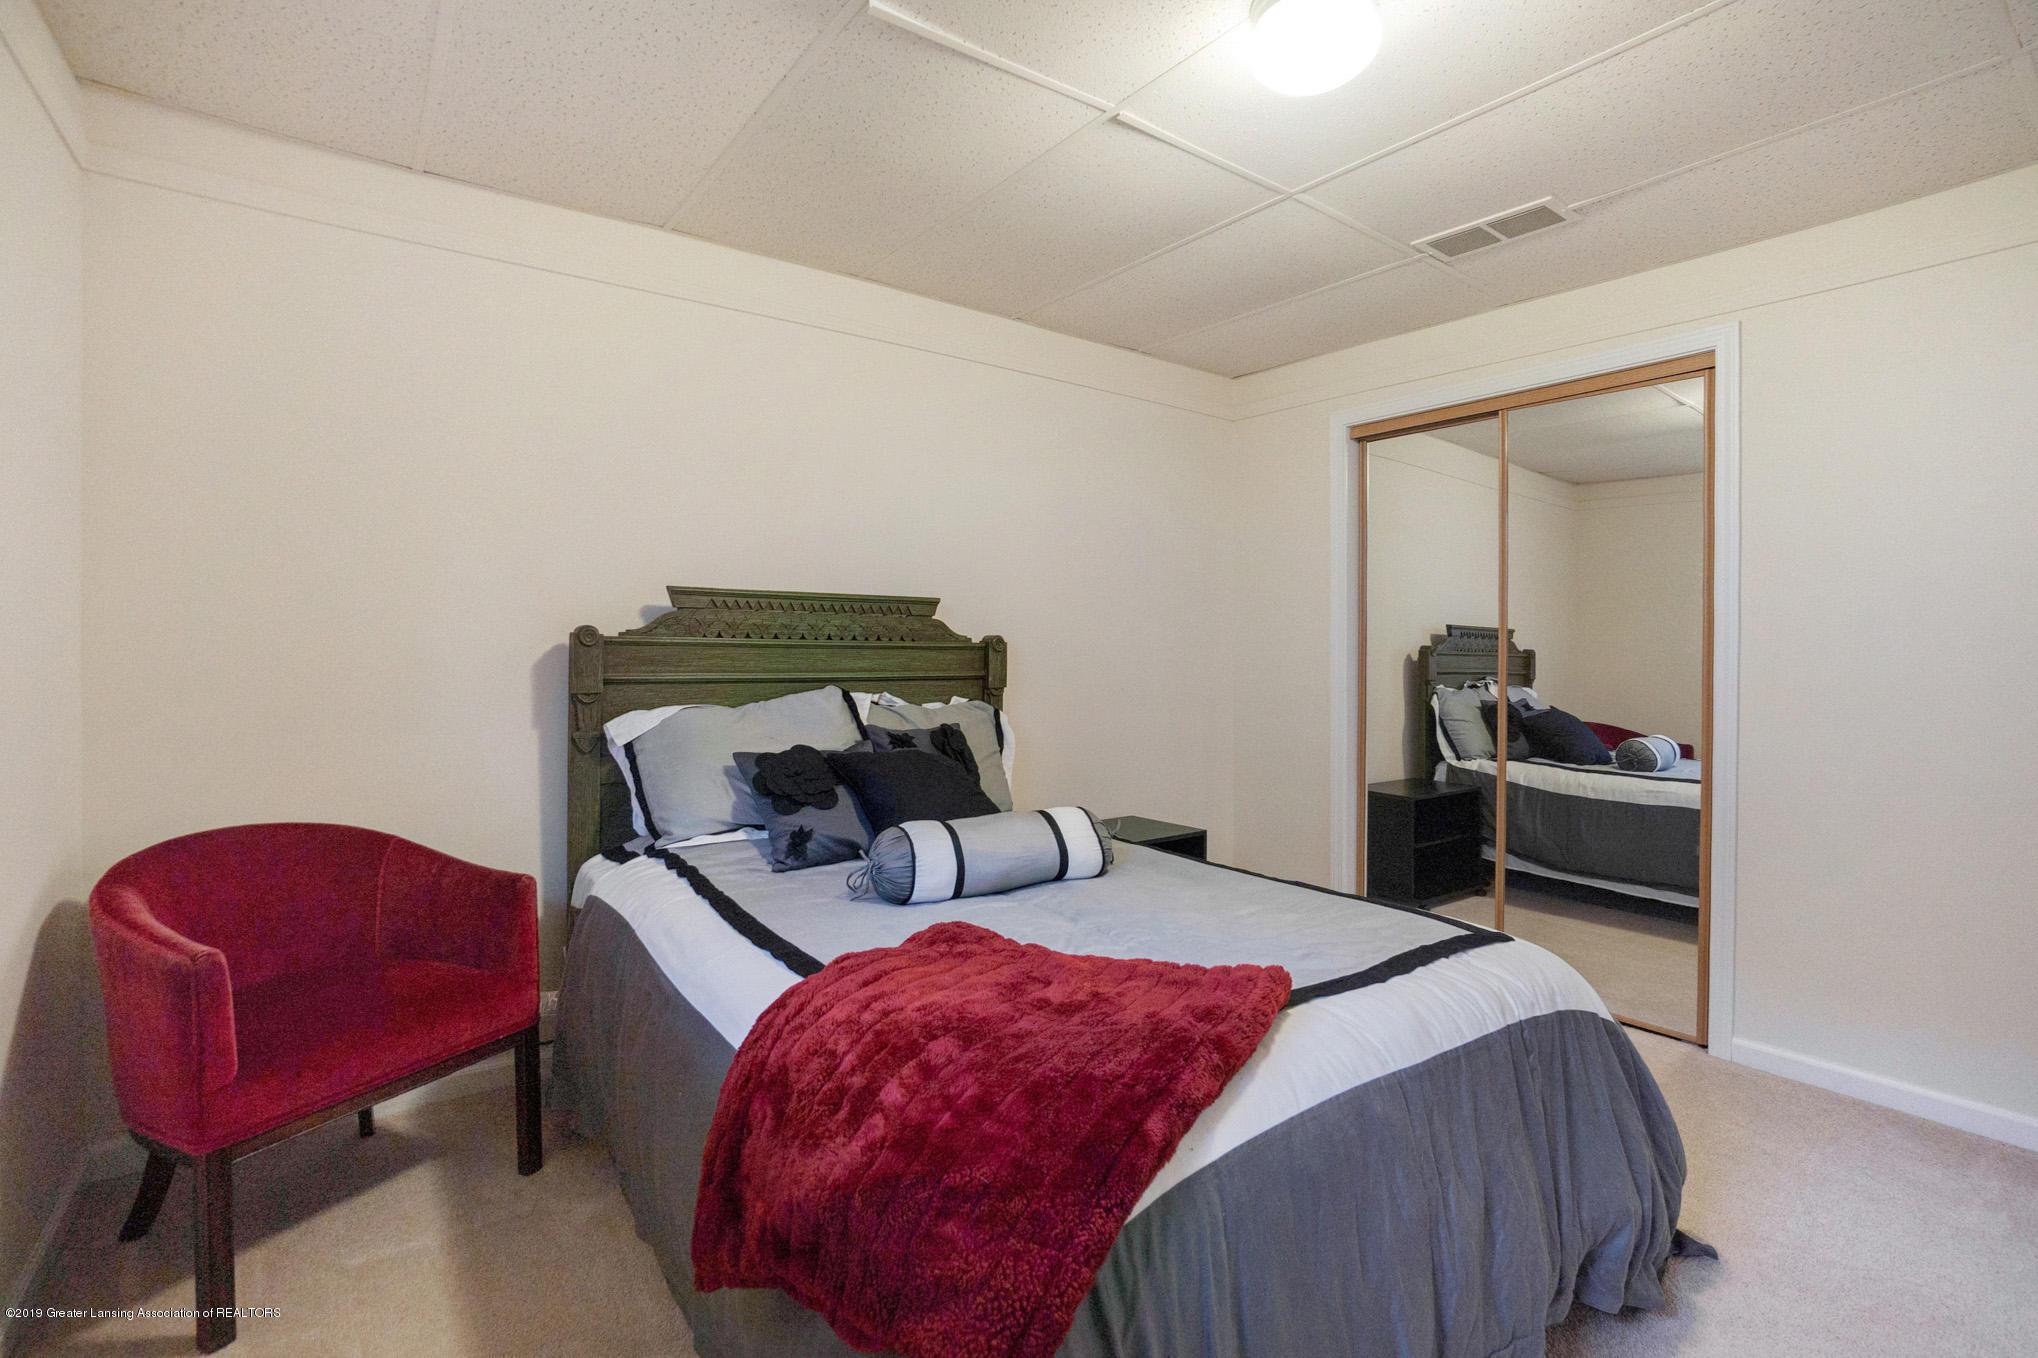 2540 Cunningham Dr - Bedroom - 34